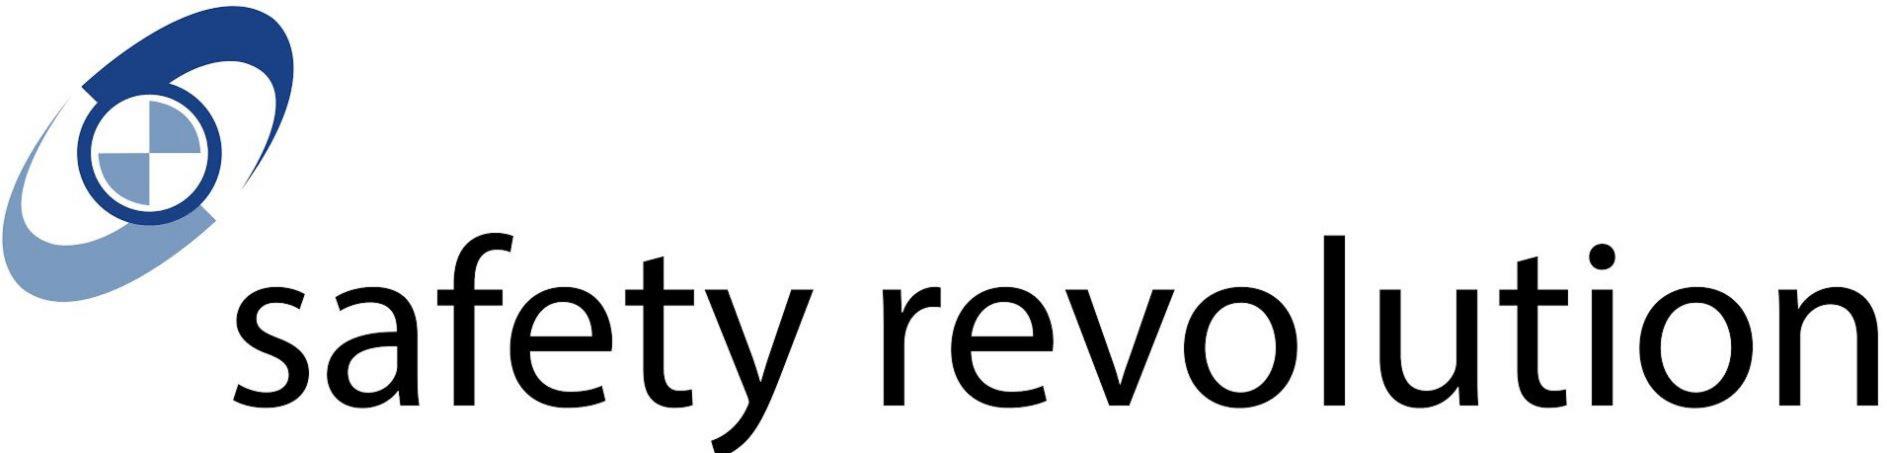 Safety Revolution logo